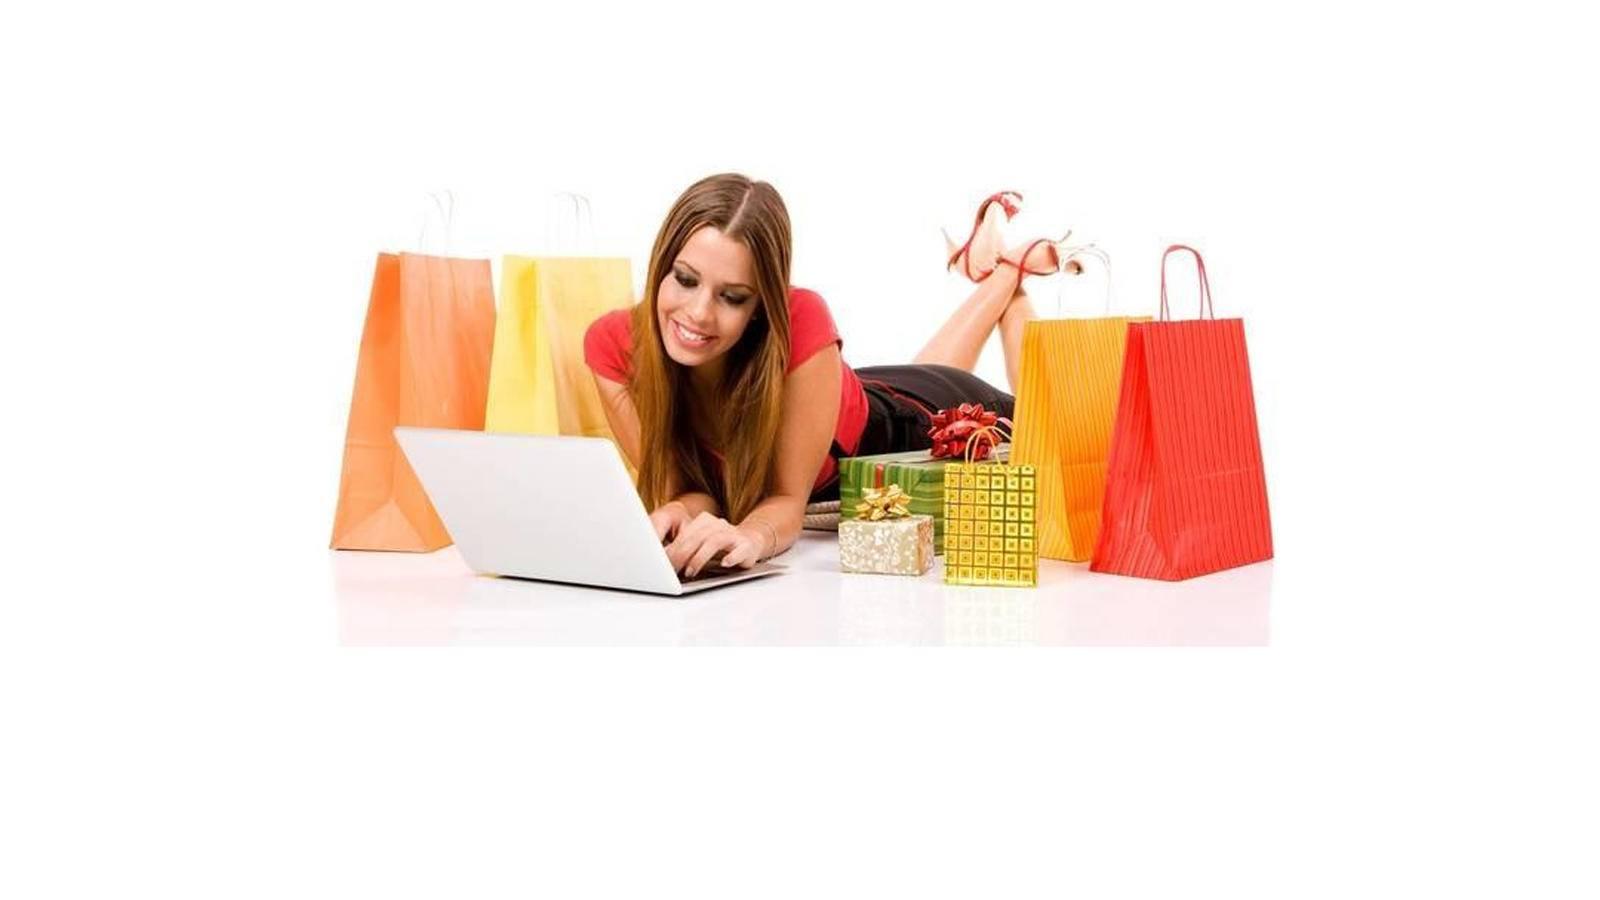 Шоппинг в берлине — магазины, аутлеты, рынки, распродажи 2021, tax free